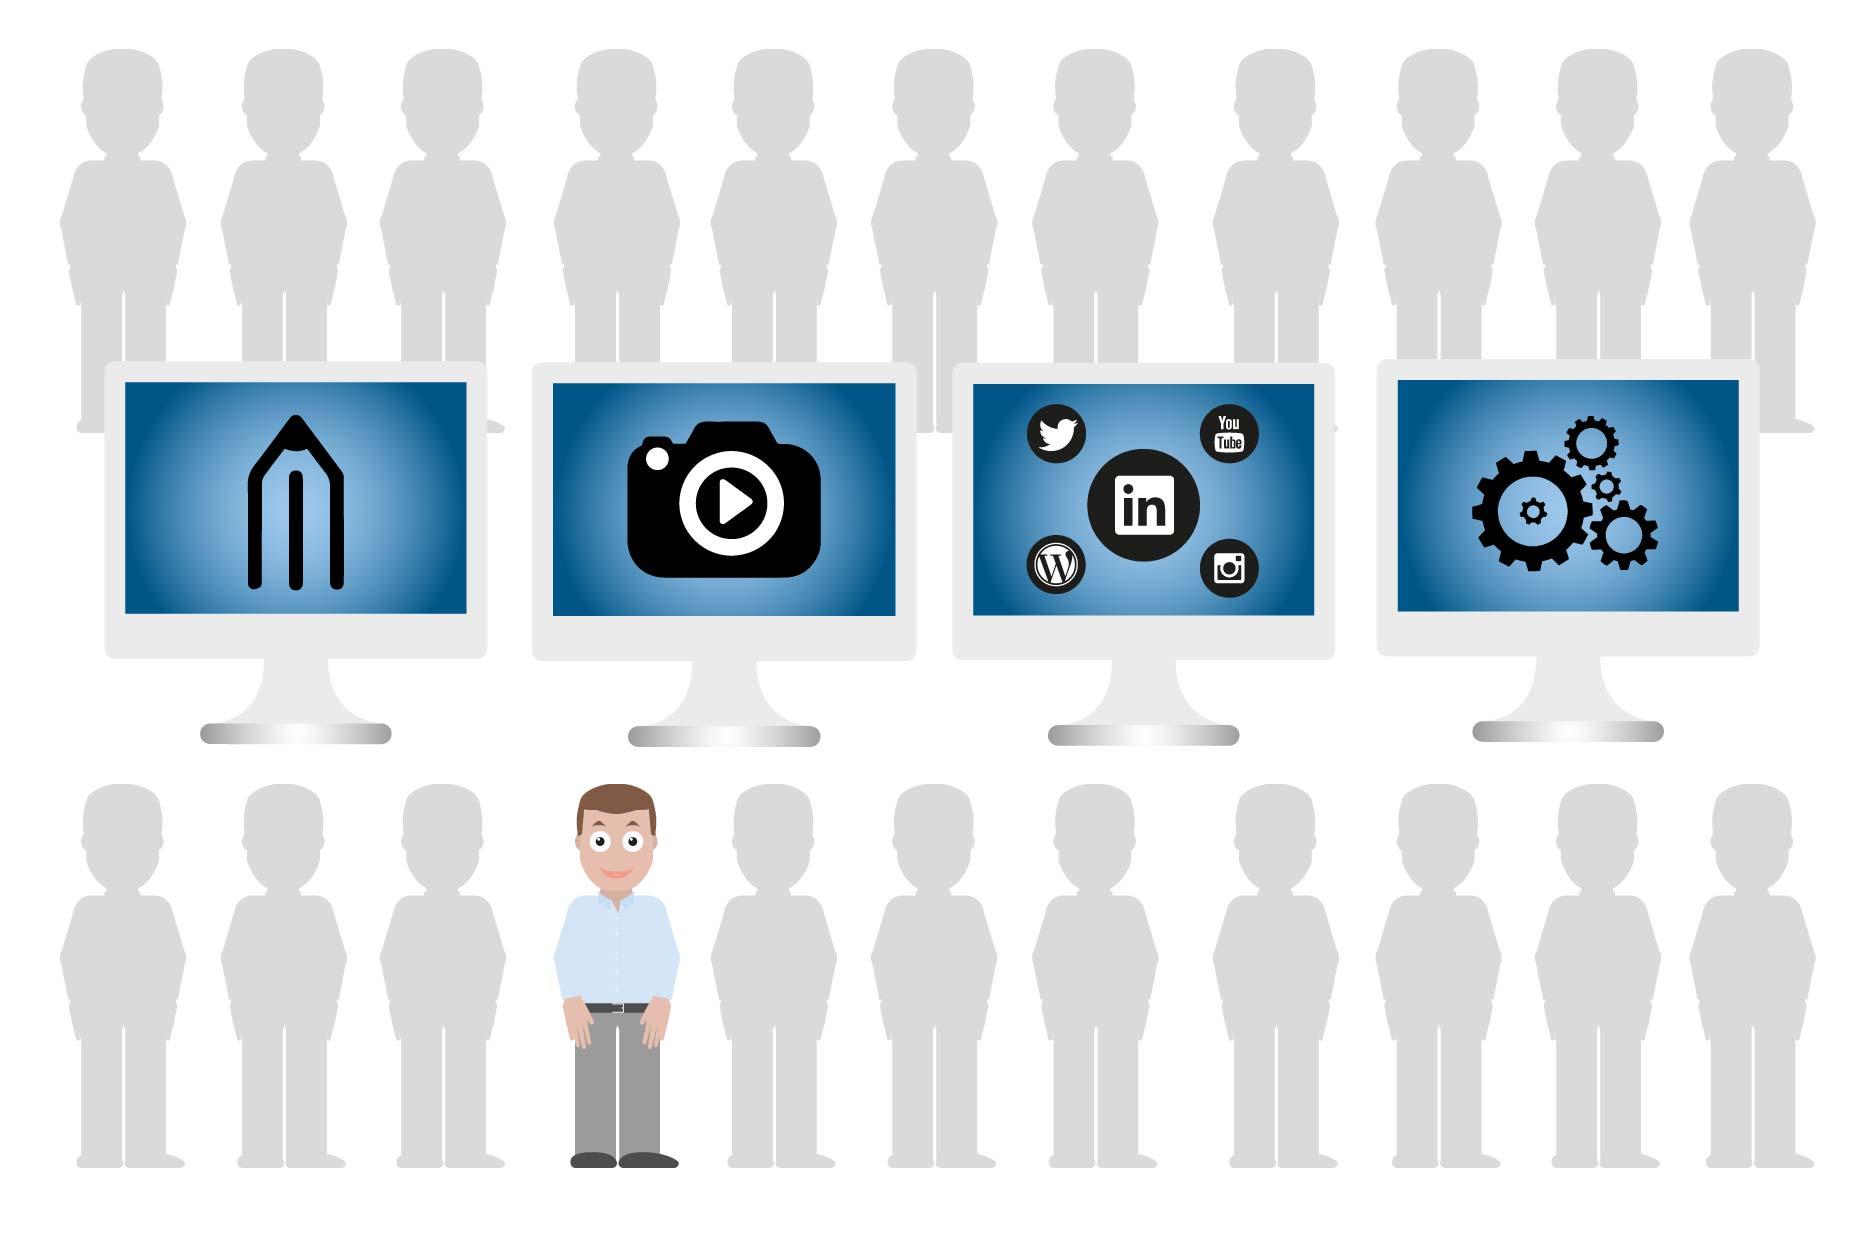 Grafiske produkter   Bliv set i mængden. Få flere kunder og vækst via synlighed.